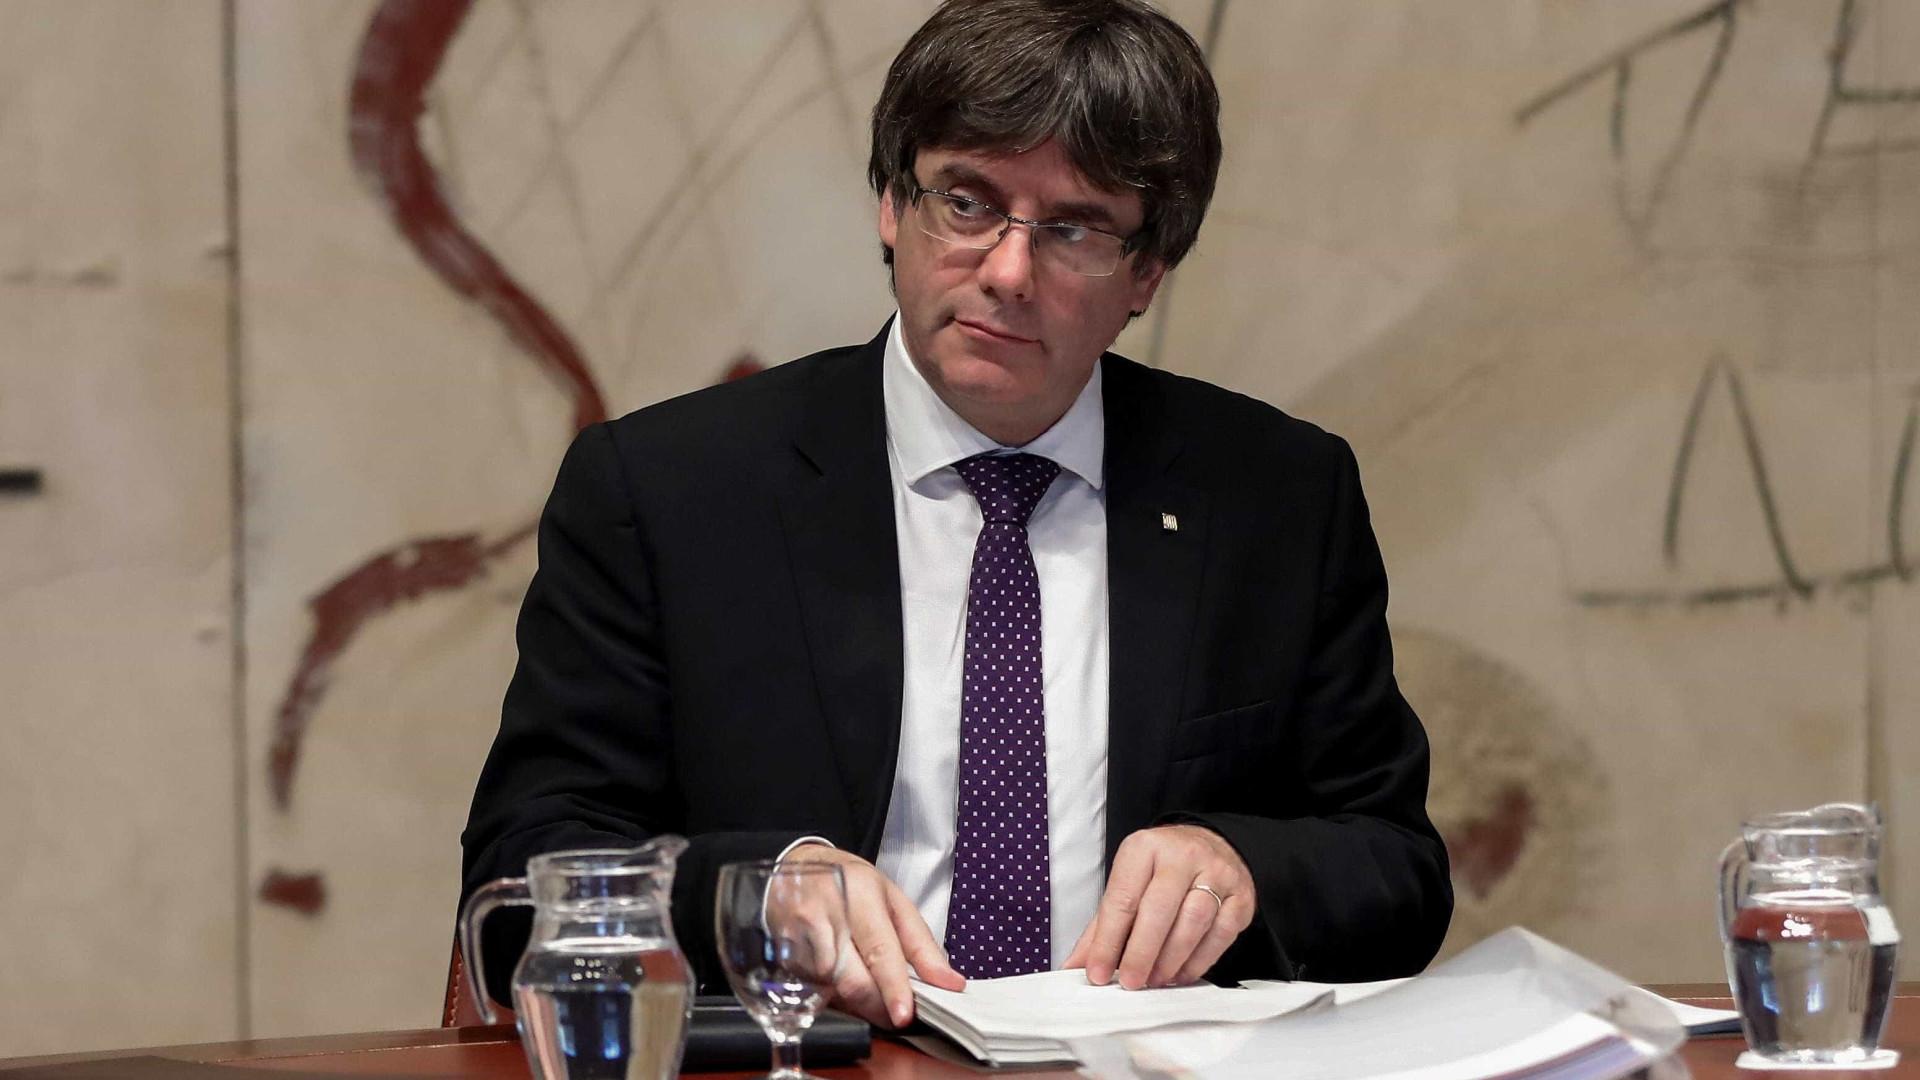 Parlamento regional leva caso Puigdemont a tribunal europeu